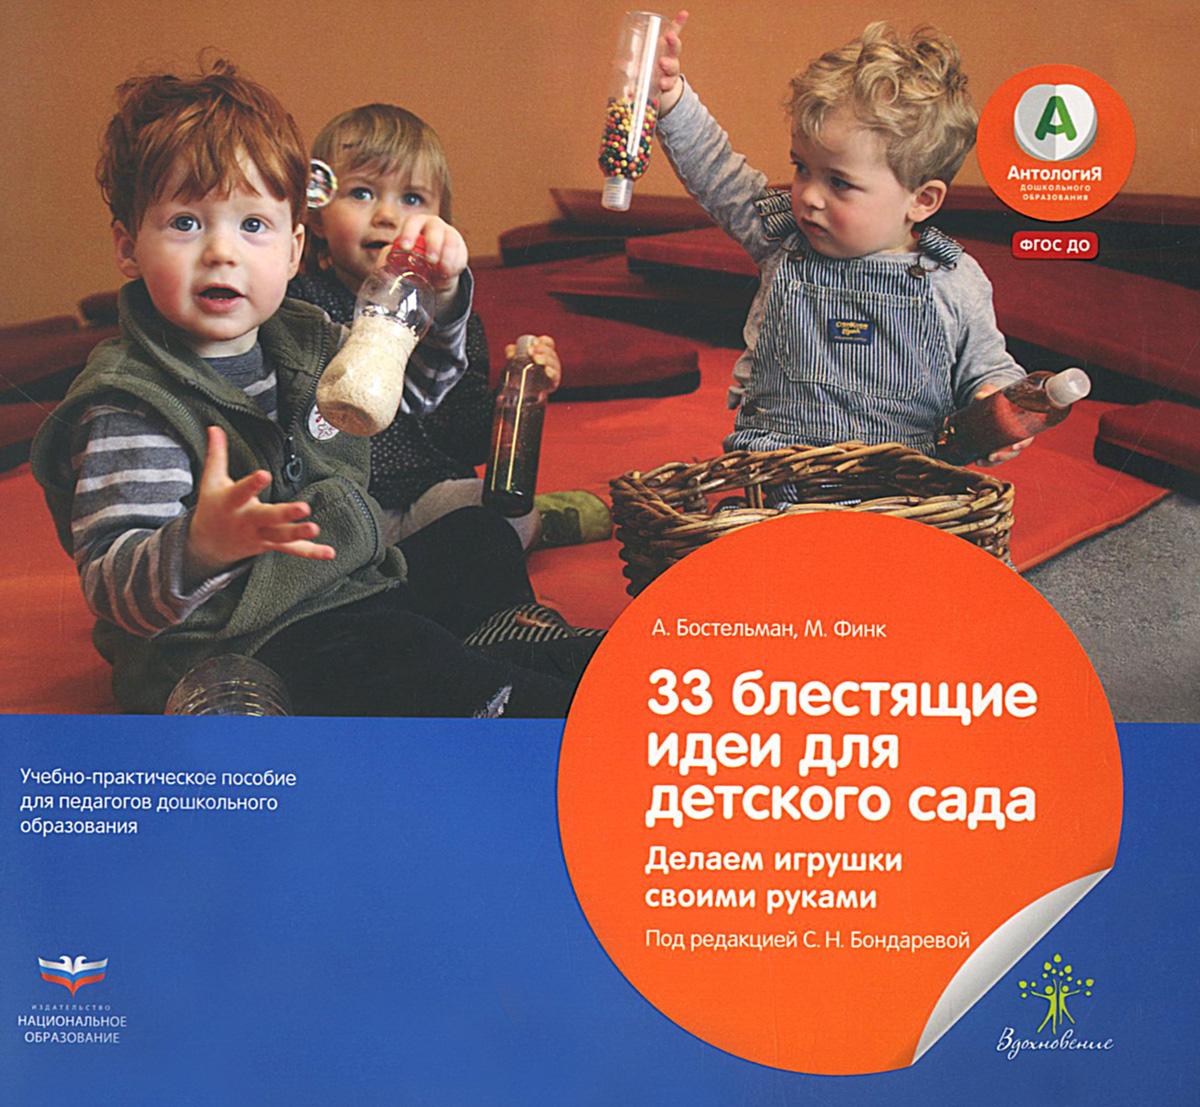 33 блестящие идеи для детского сада. Делаем игрушки своими руками, А. Бостельман, М. Финк